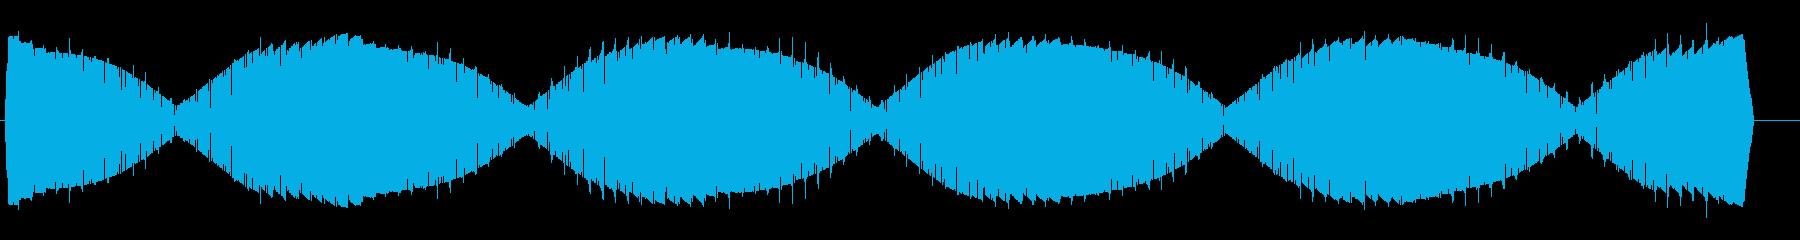 ワープエンジン(揺らぐ高音の鐘の様な音)の再生済みの波形